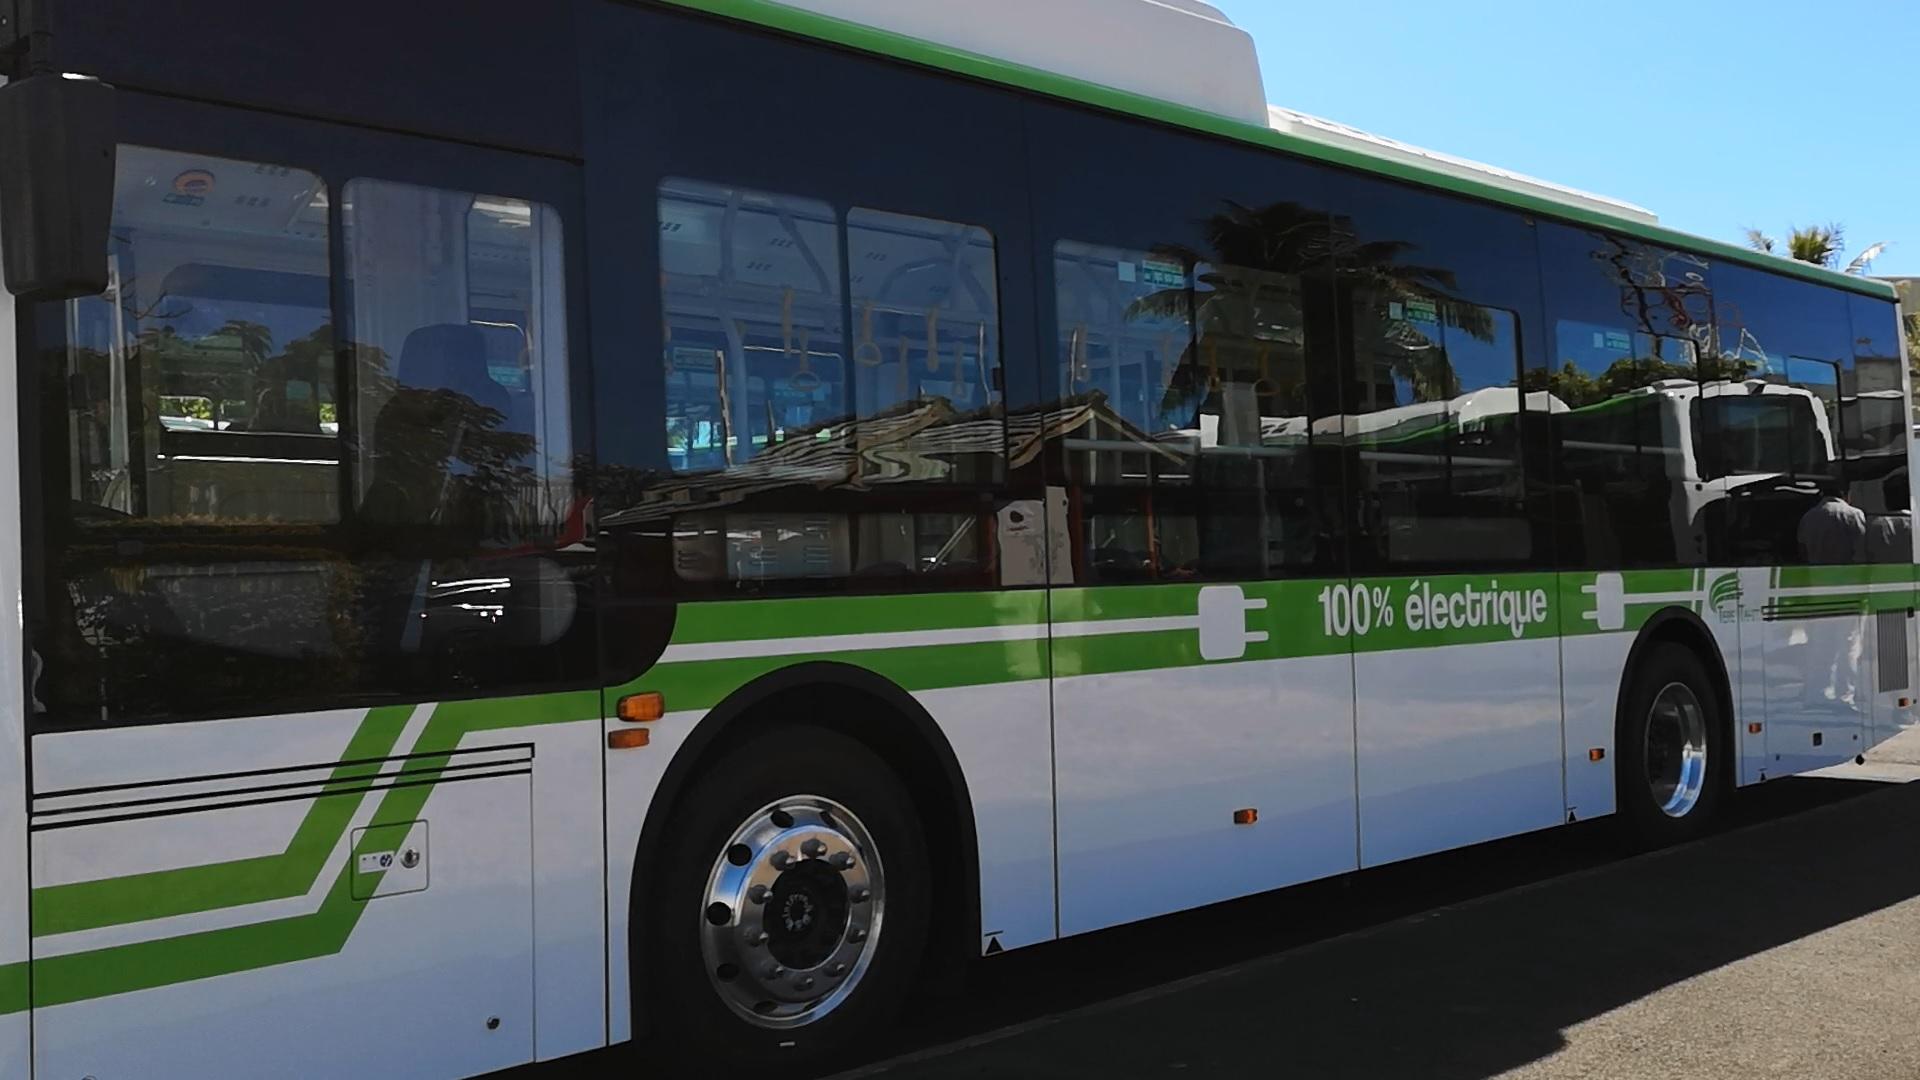 12 nouveaux bus 100% électrique arriveront dans les prochains mois pour compléter la flotte.